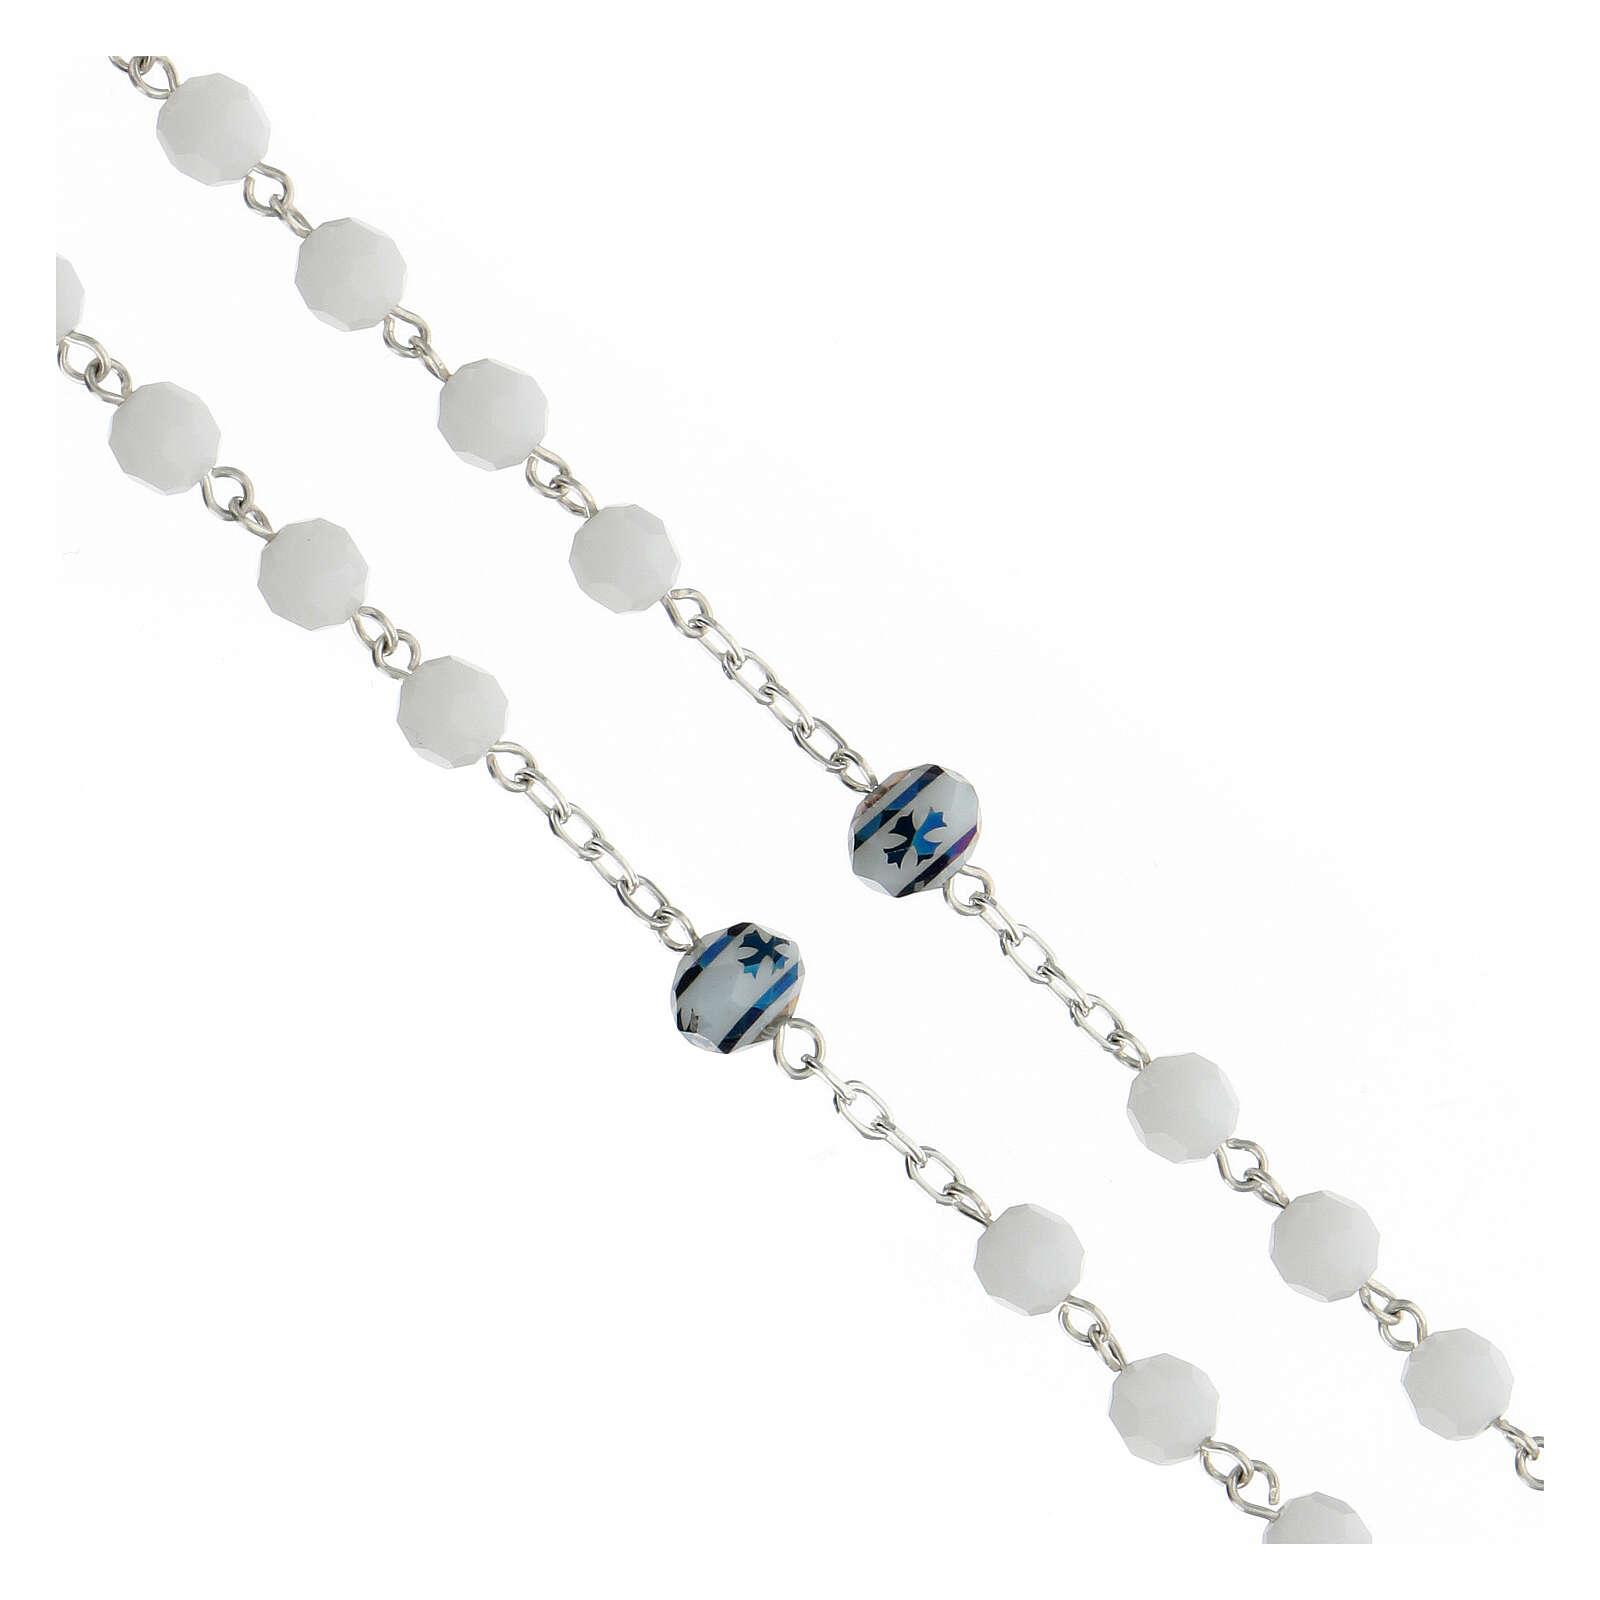 Rosario cristallo bianco 6 mm pater croce verde argento 925 4